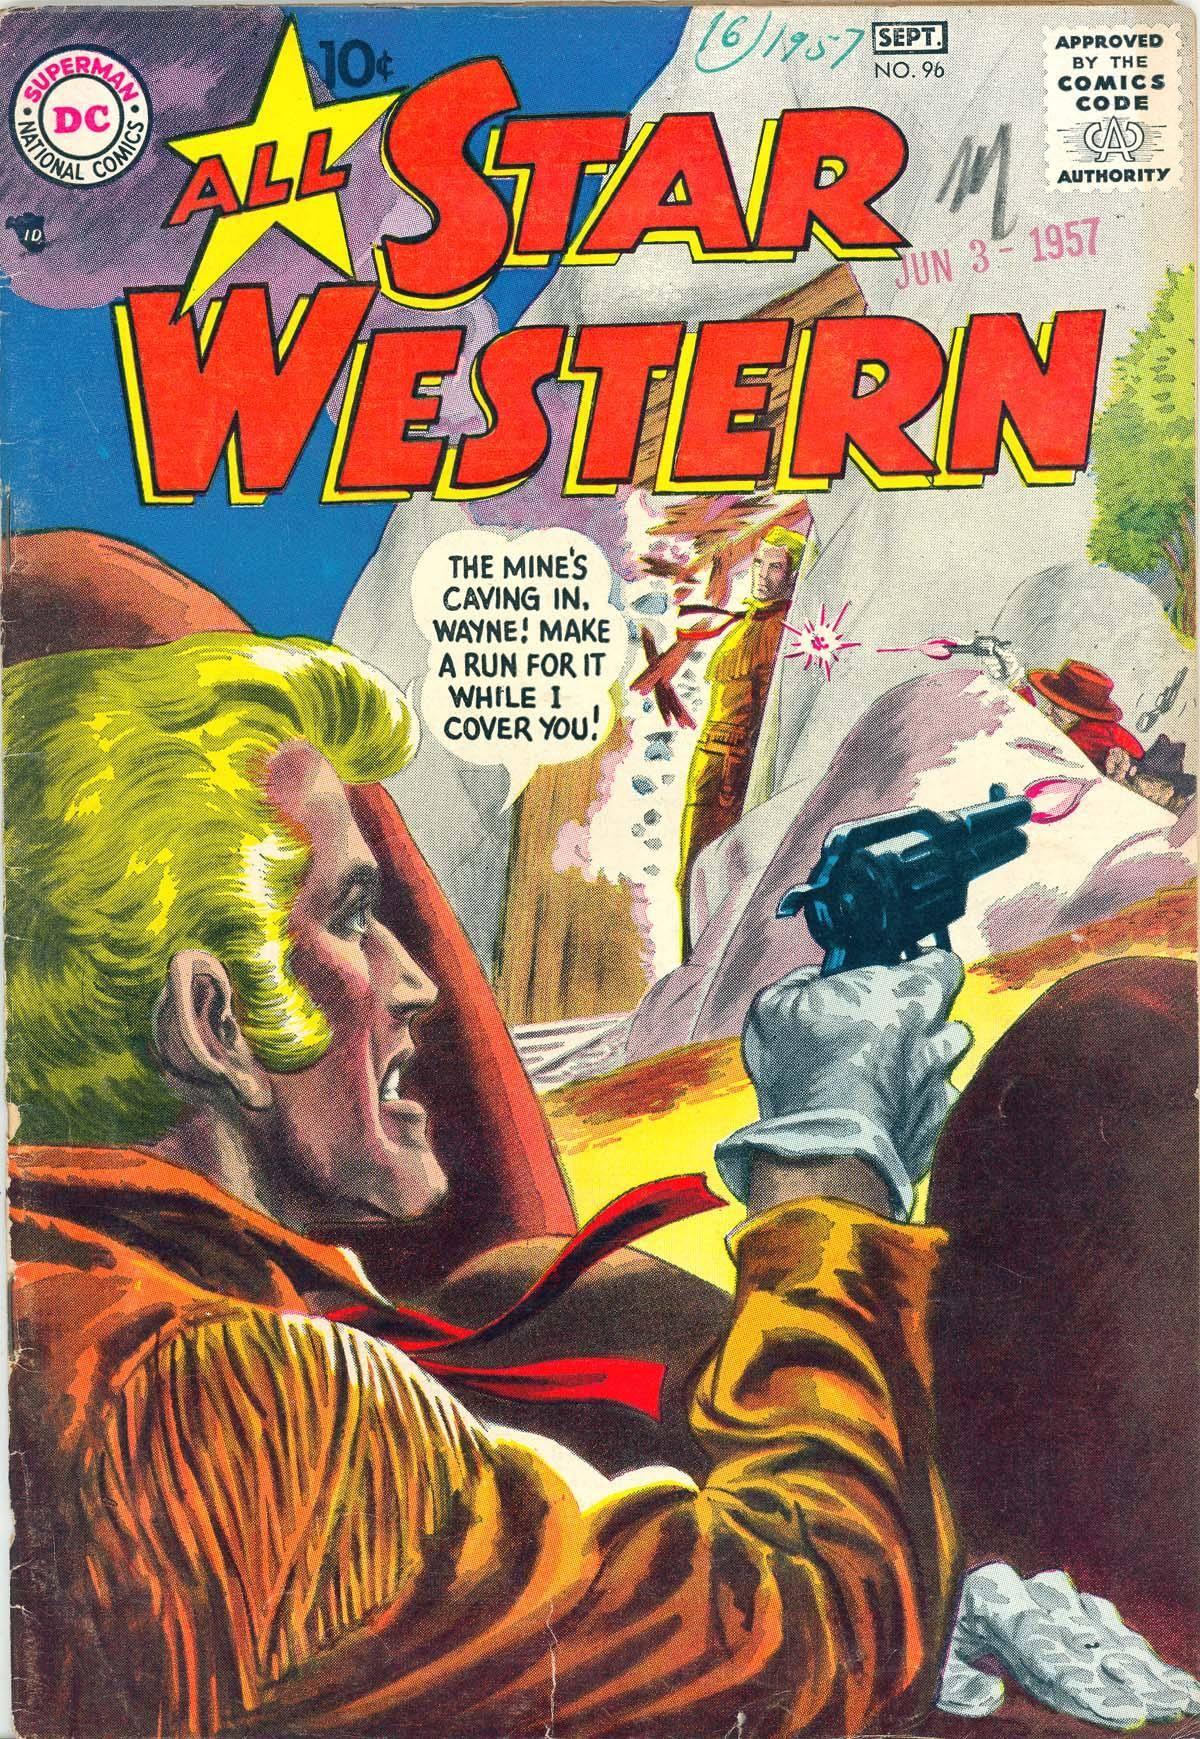 Star Western v1 096 1957